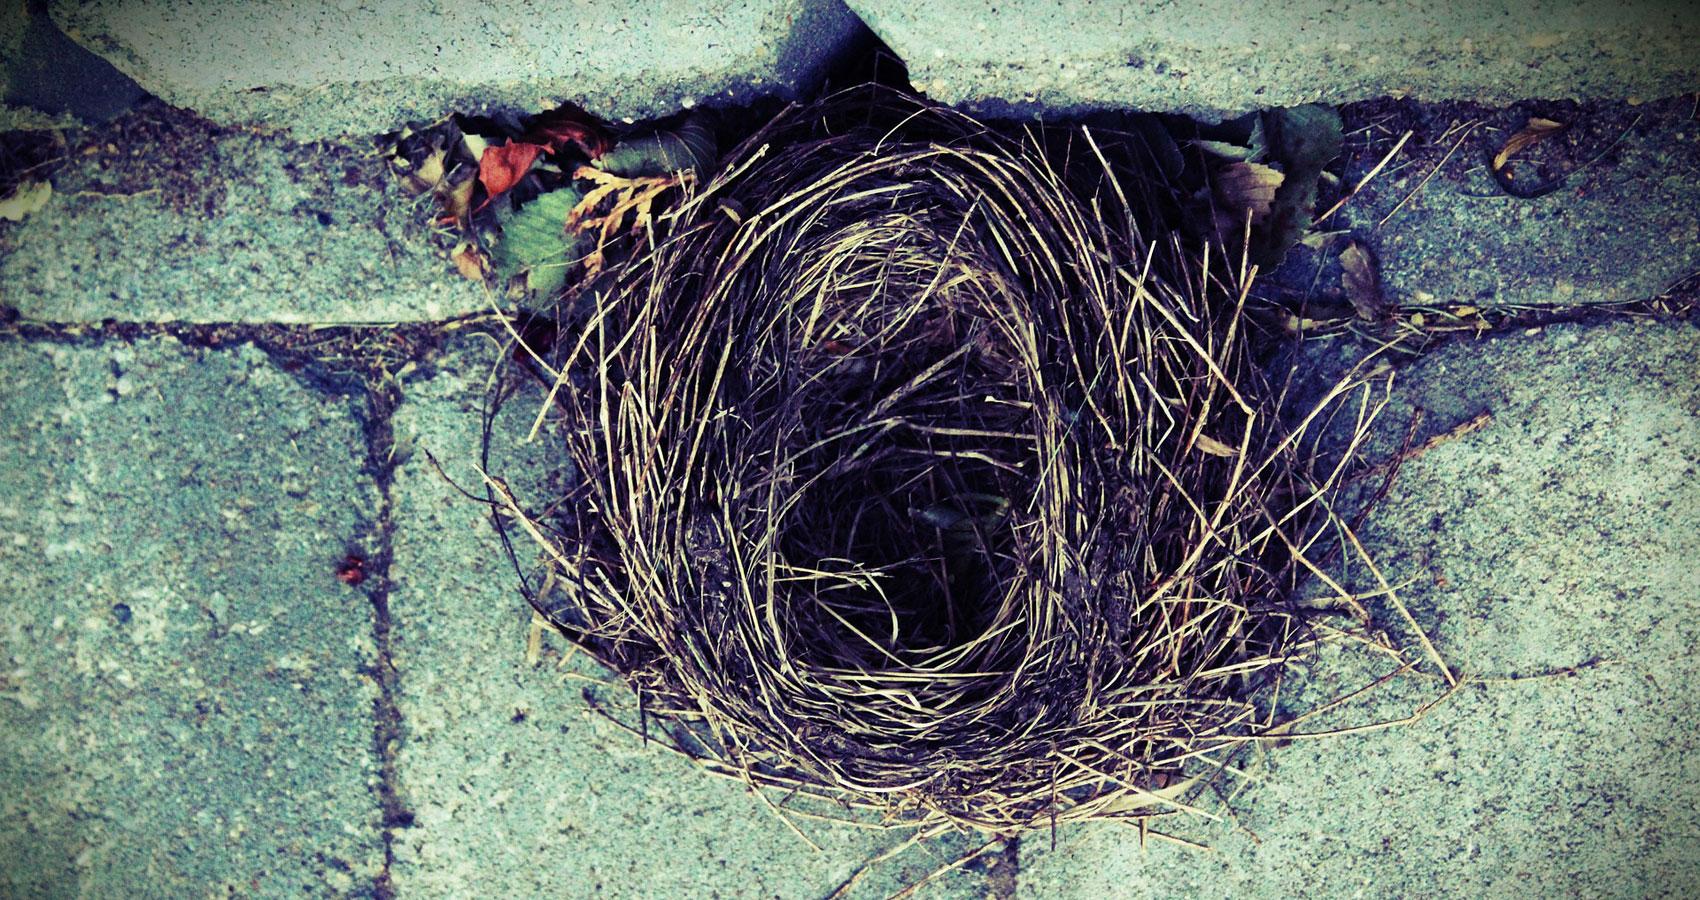 Nest written by RhymeRula at Spillwords.com